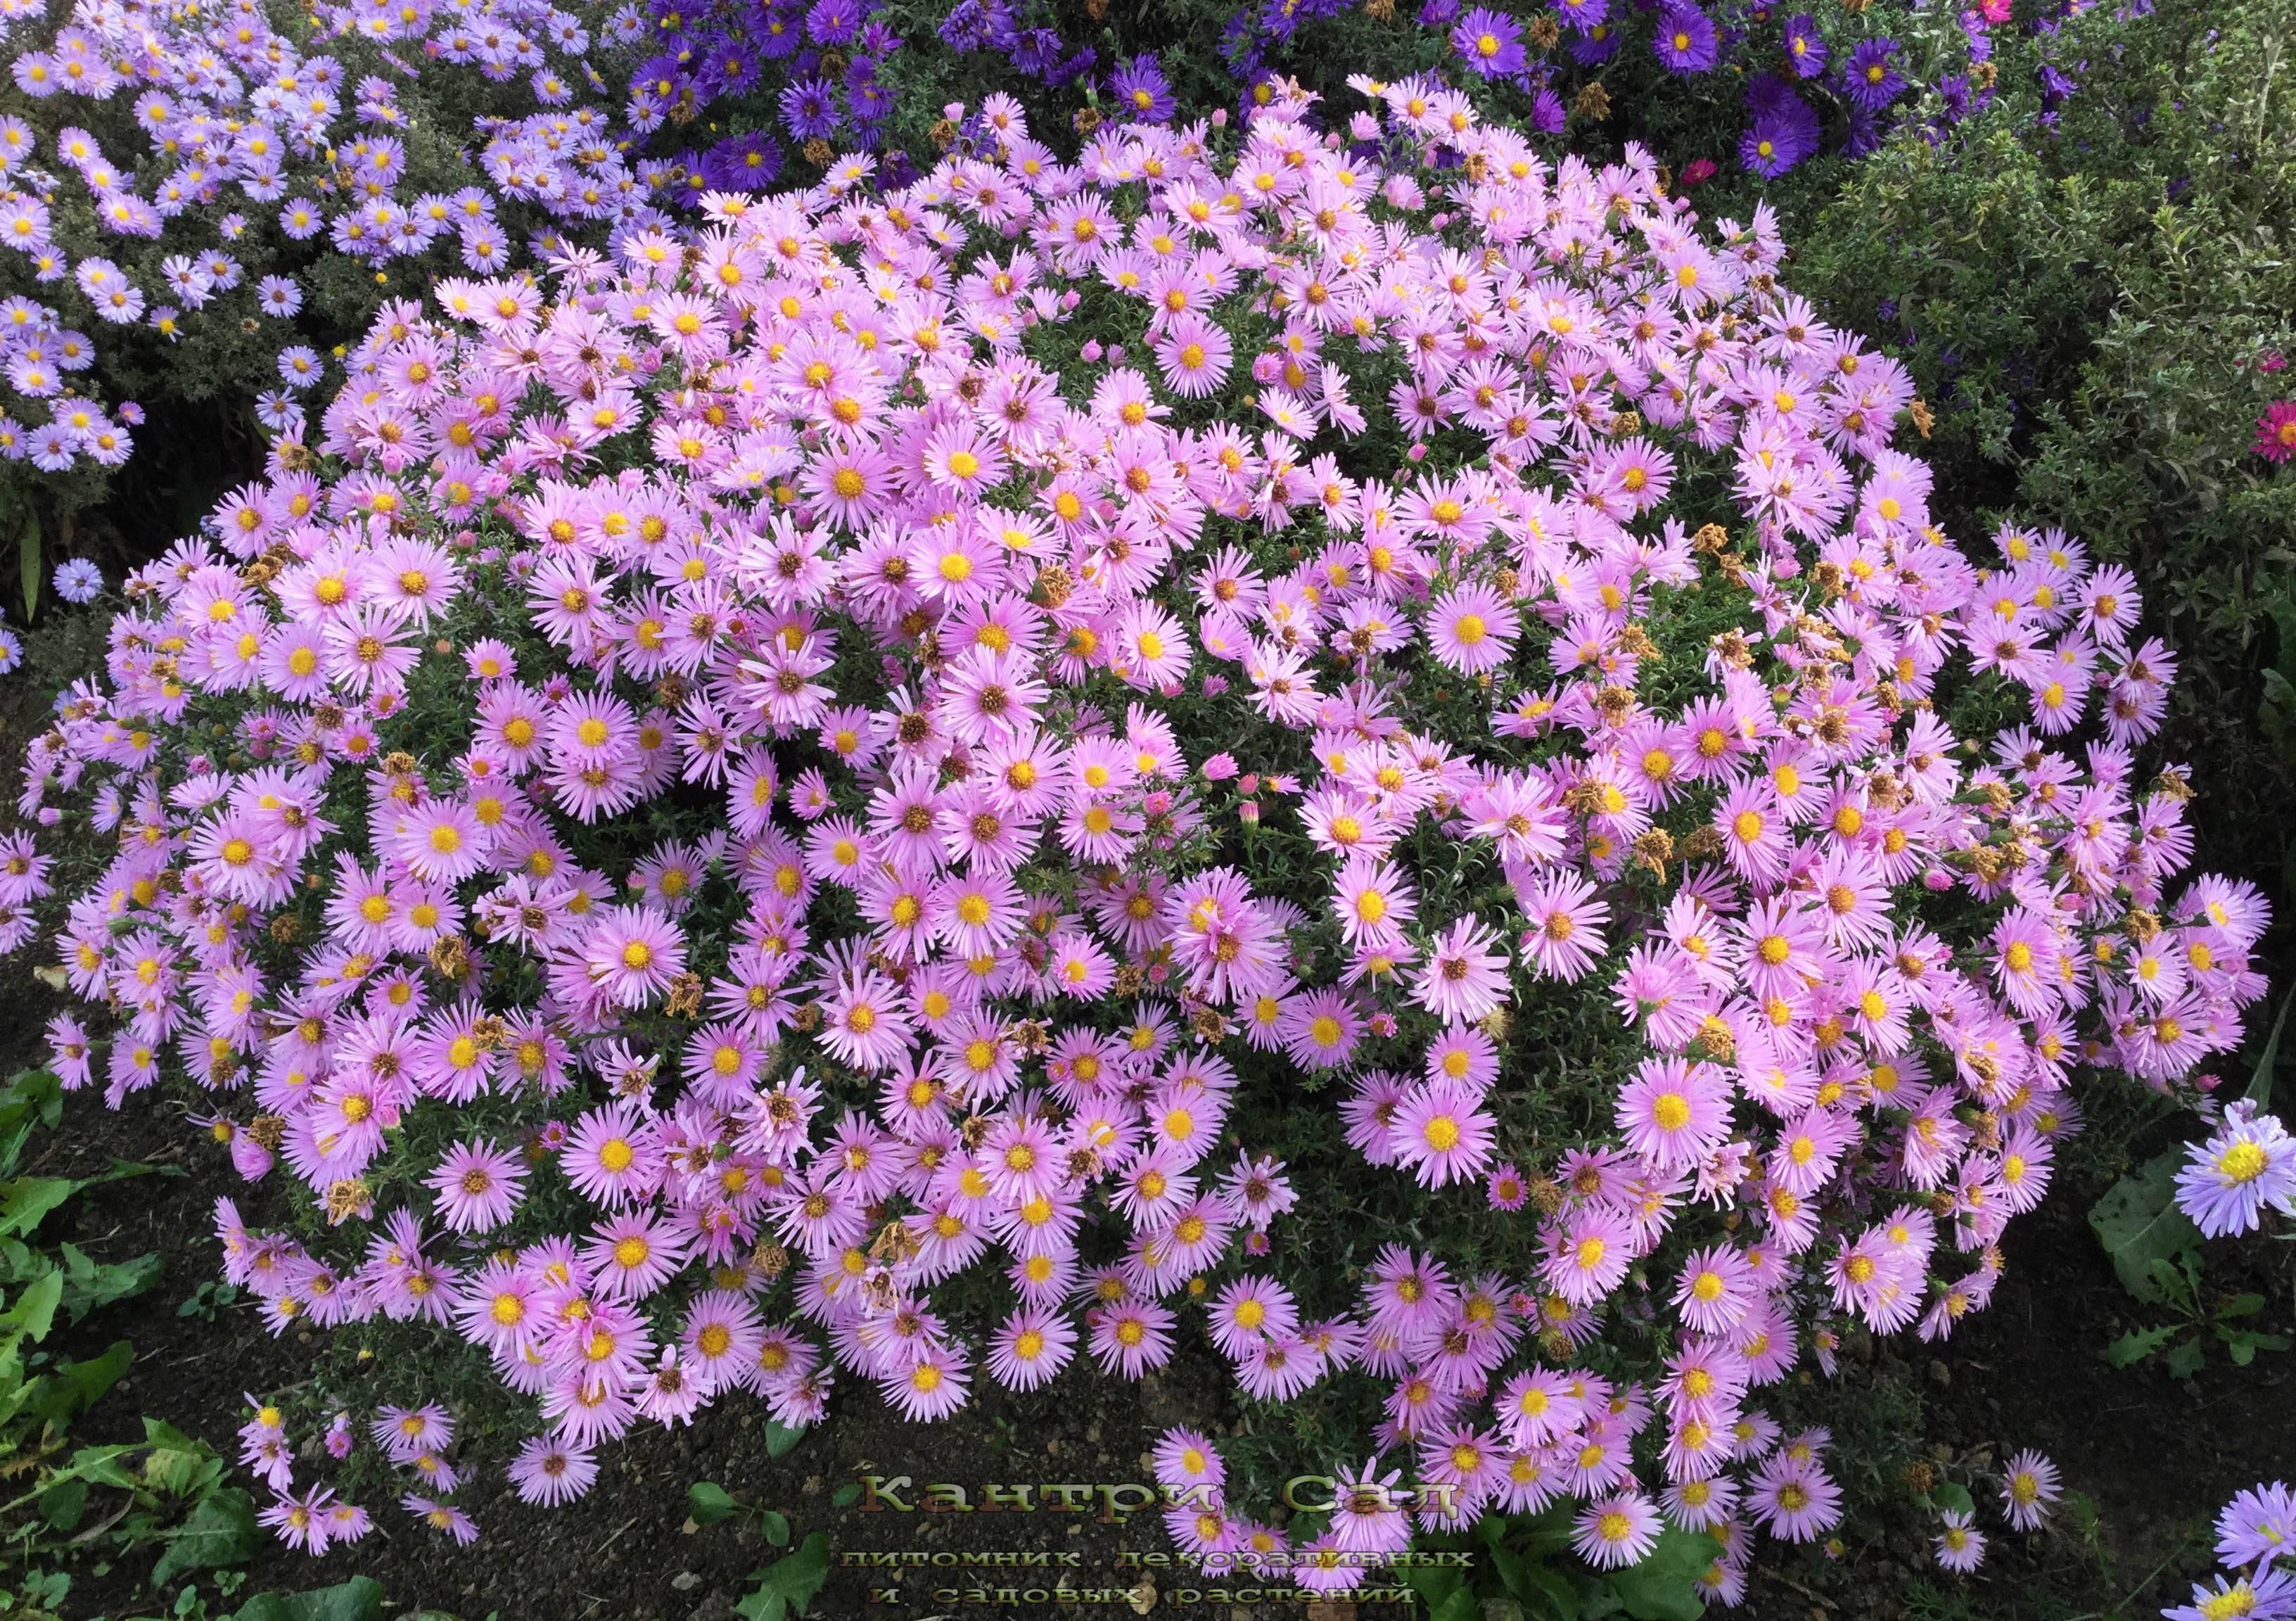 Астра кустарниковая — википедия переиздание // wiki 2